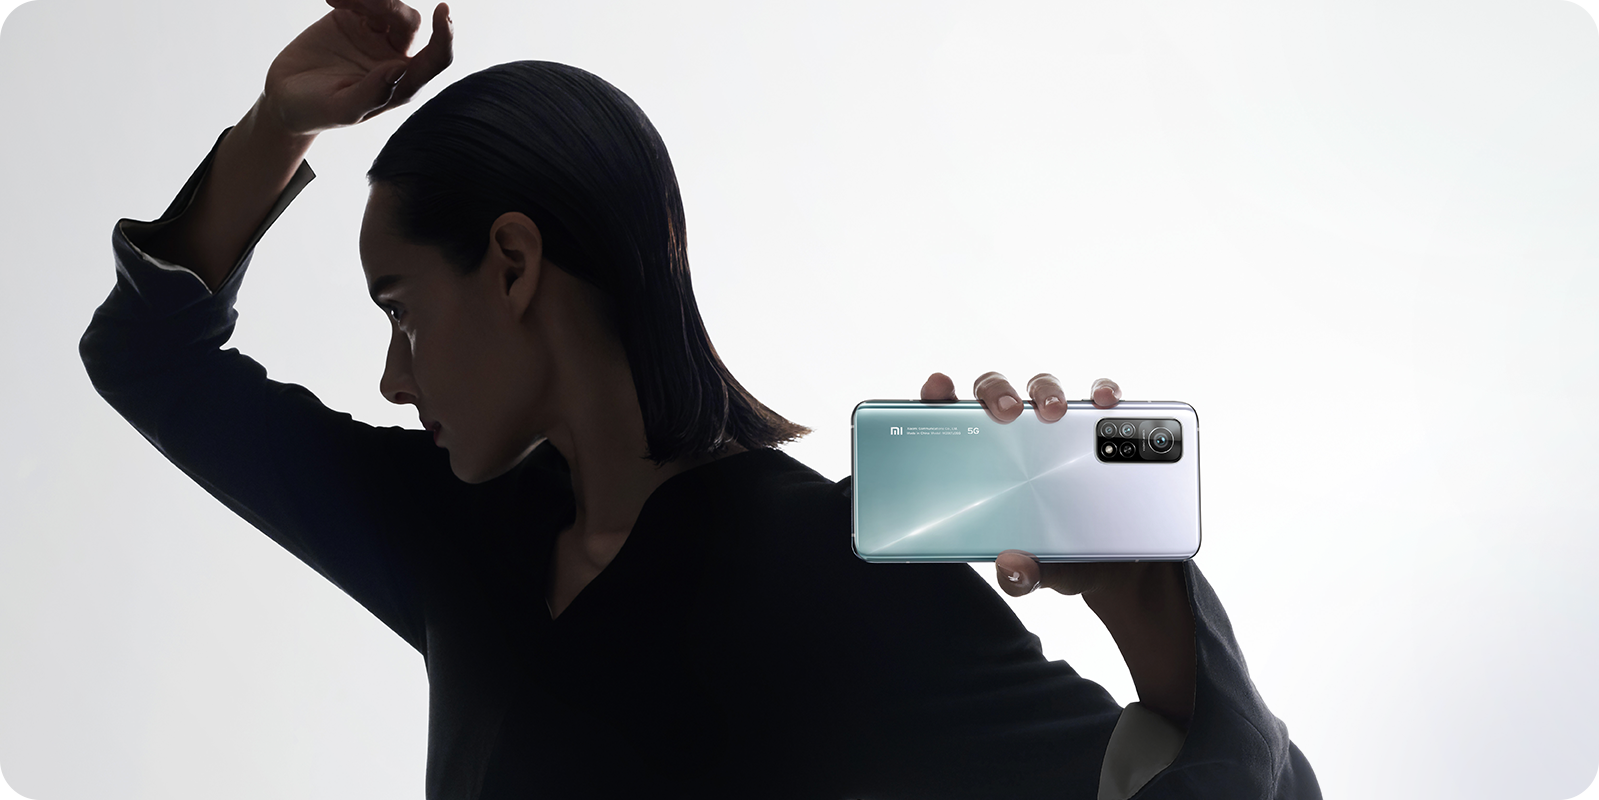 Xiaomi Mi 10t Pro 256 GB Cep Telefonu Özellikleri ile Kullanıcılar Büyülüyor